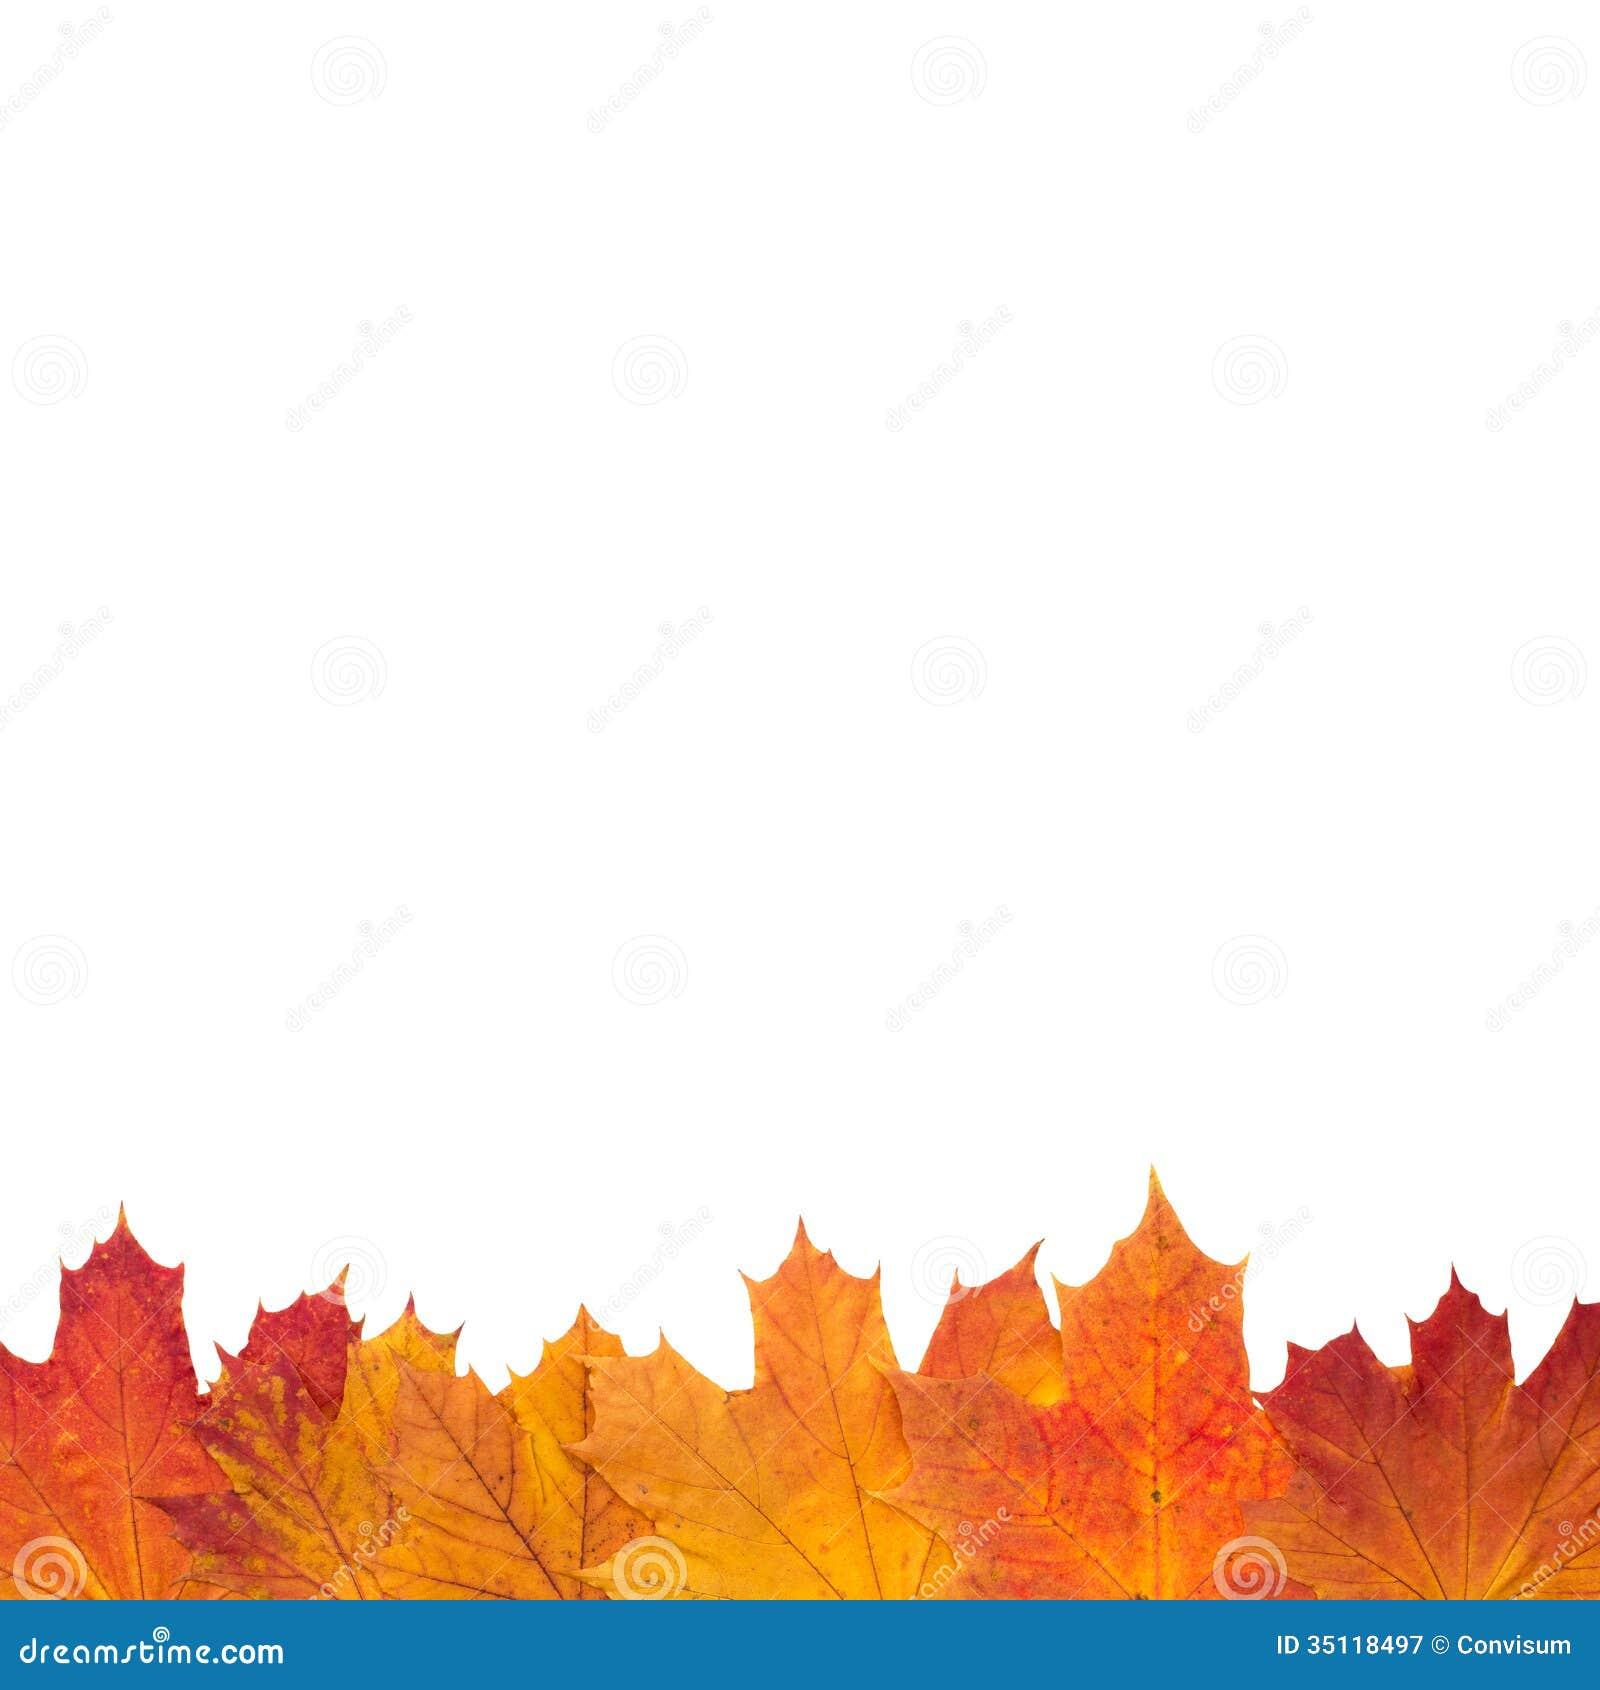 autumn leaf border stock image image of border foliage 35118497